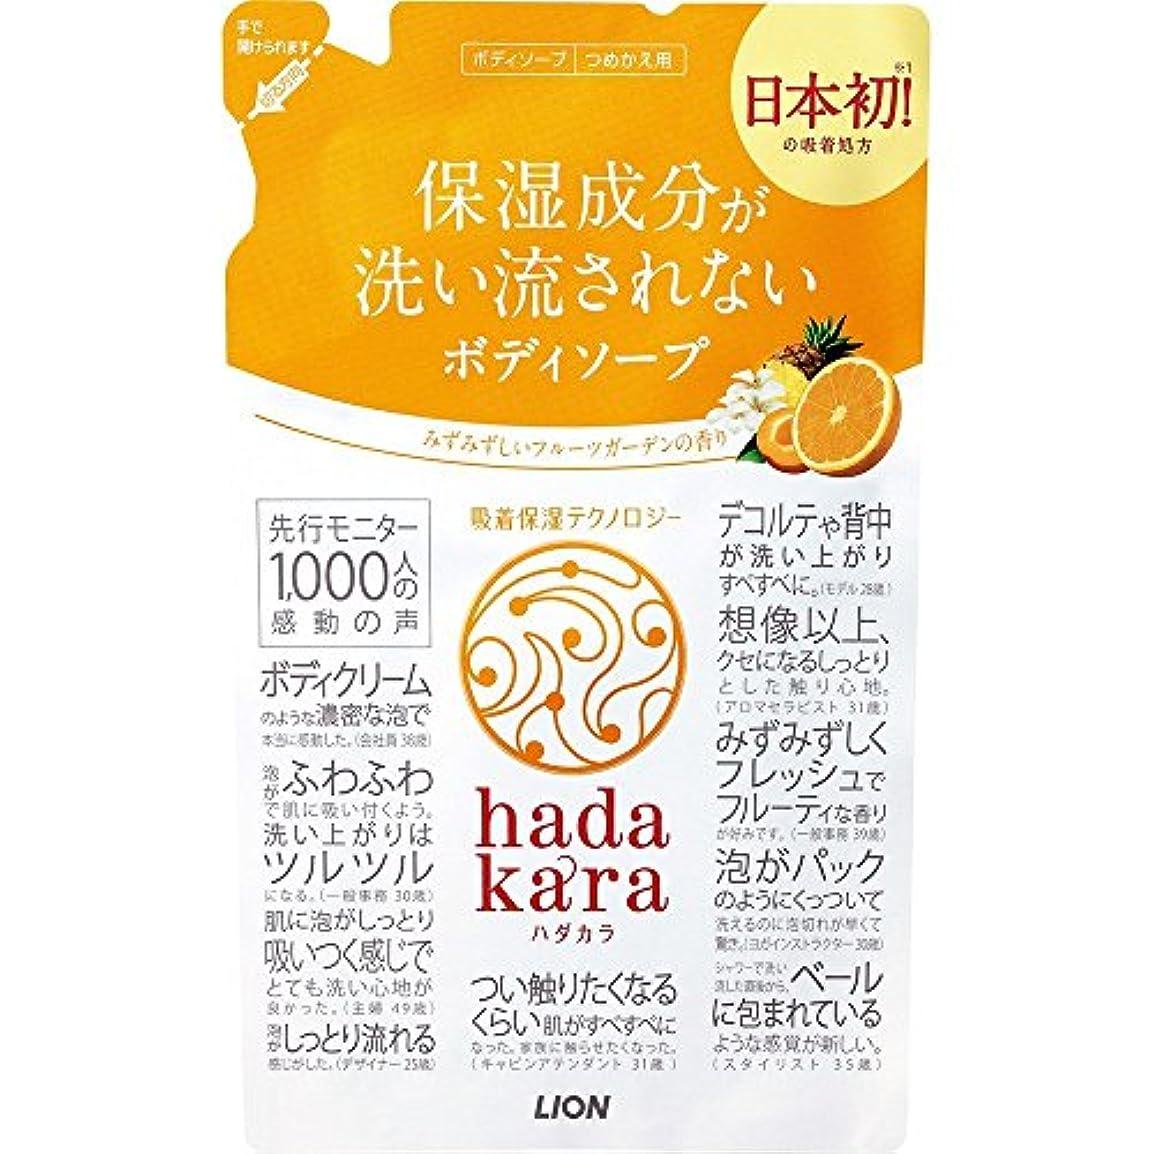 分意外同様のhadakara(ハダカラ) ボディソープ フルーツガーデンの香り 詰め替え 360ml